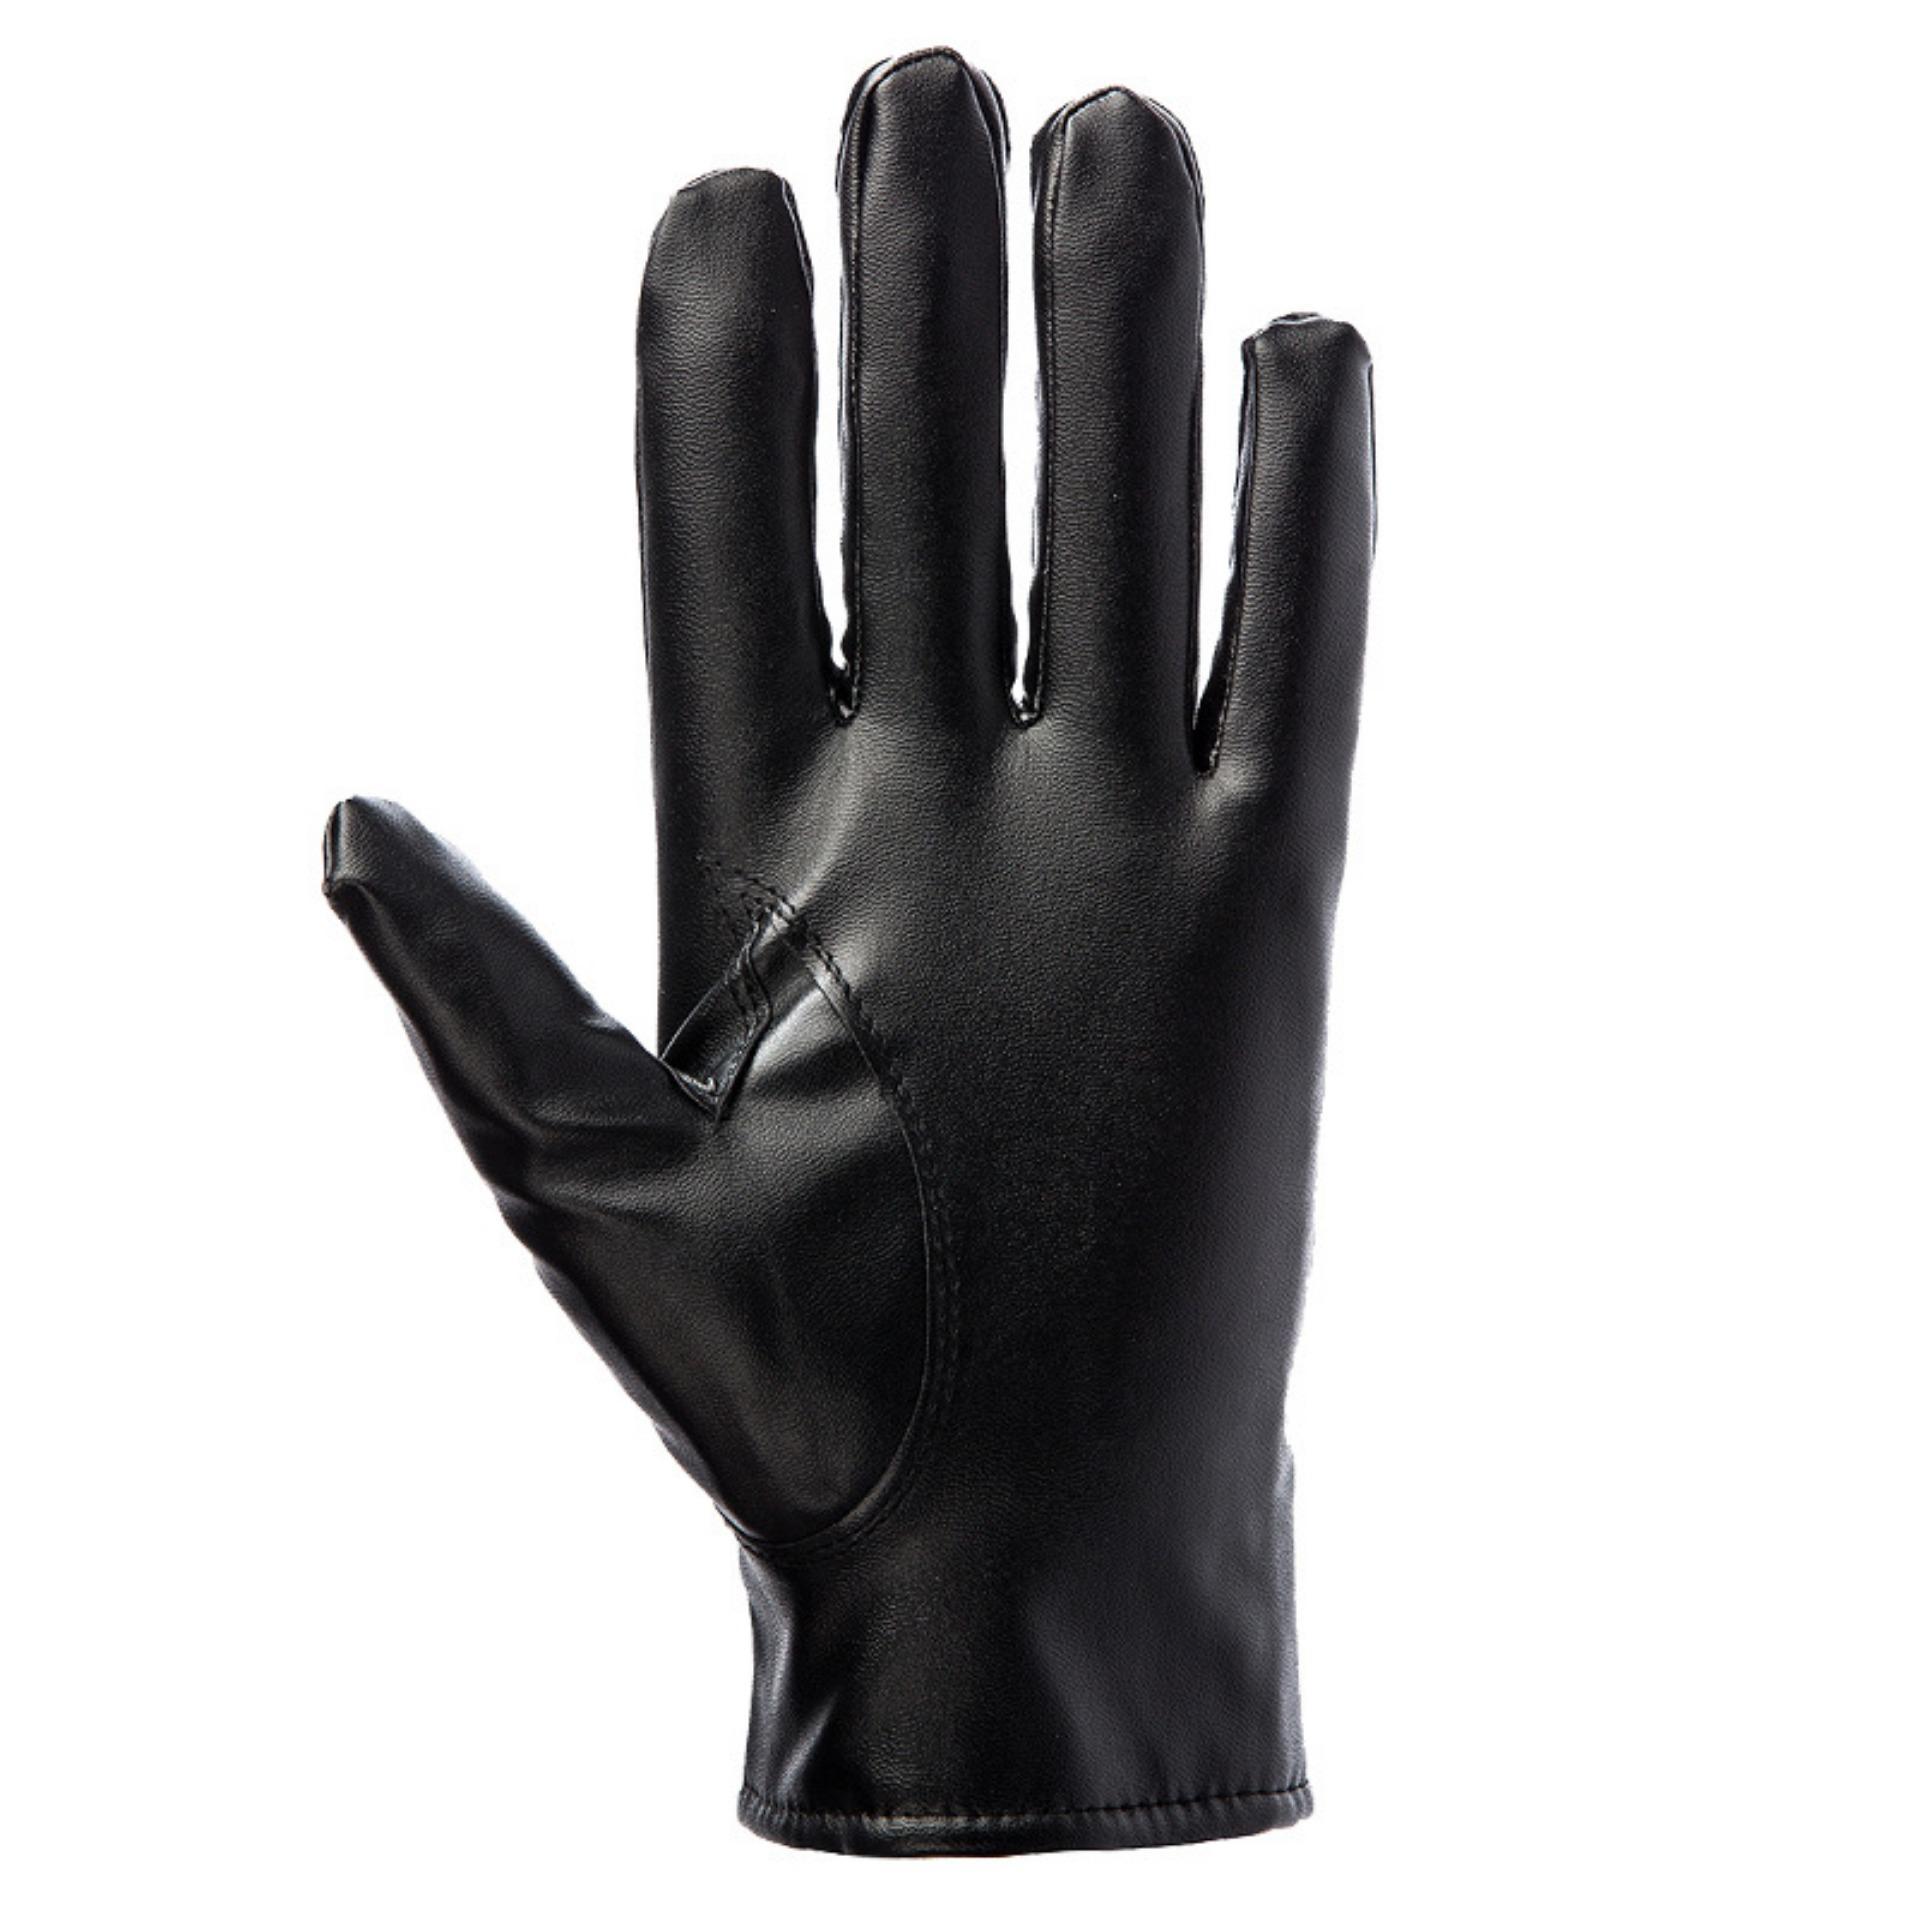 Găng tay bao vệ tay thể thao Full ngón – Quốc tế – Đen